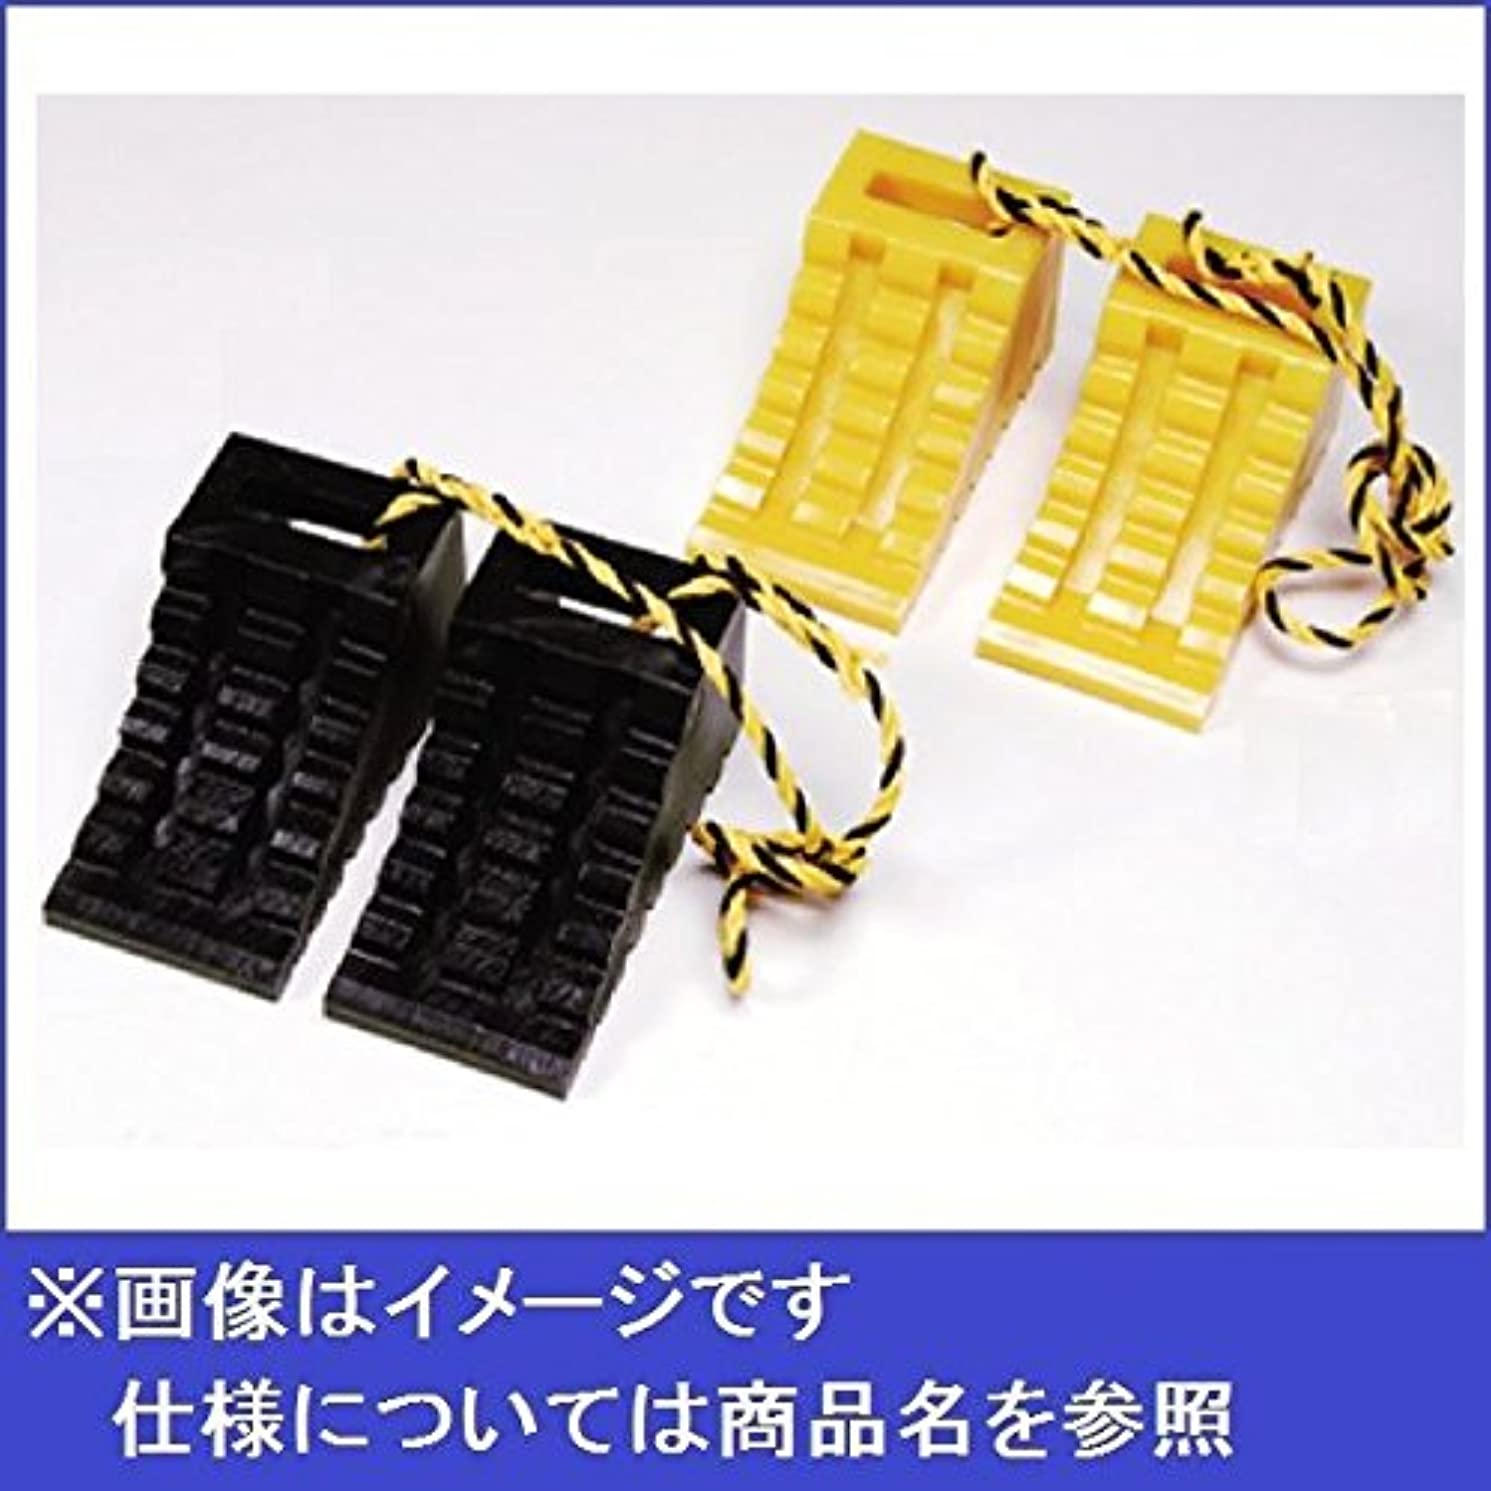 地球生産性シャワー信栄物産 タイヤ歯止め(2本 ????付) 黒 115×225×120 2個1セット(ロープ1.2M付き) #4085W